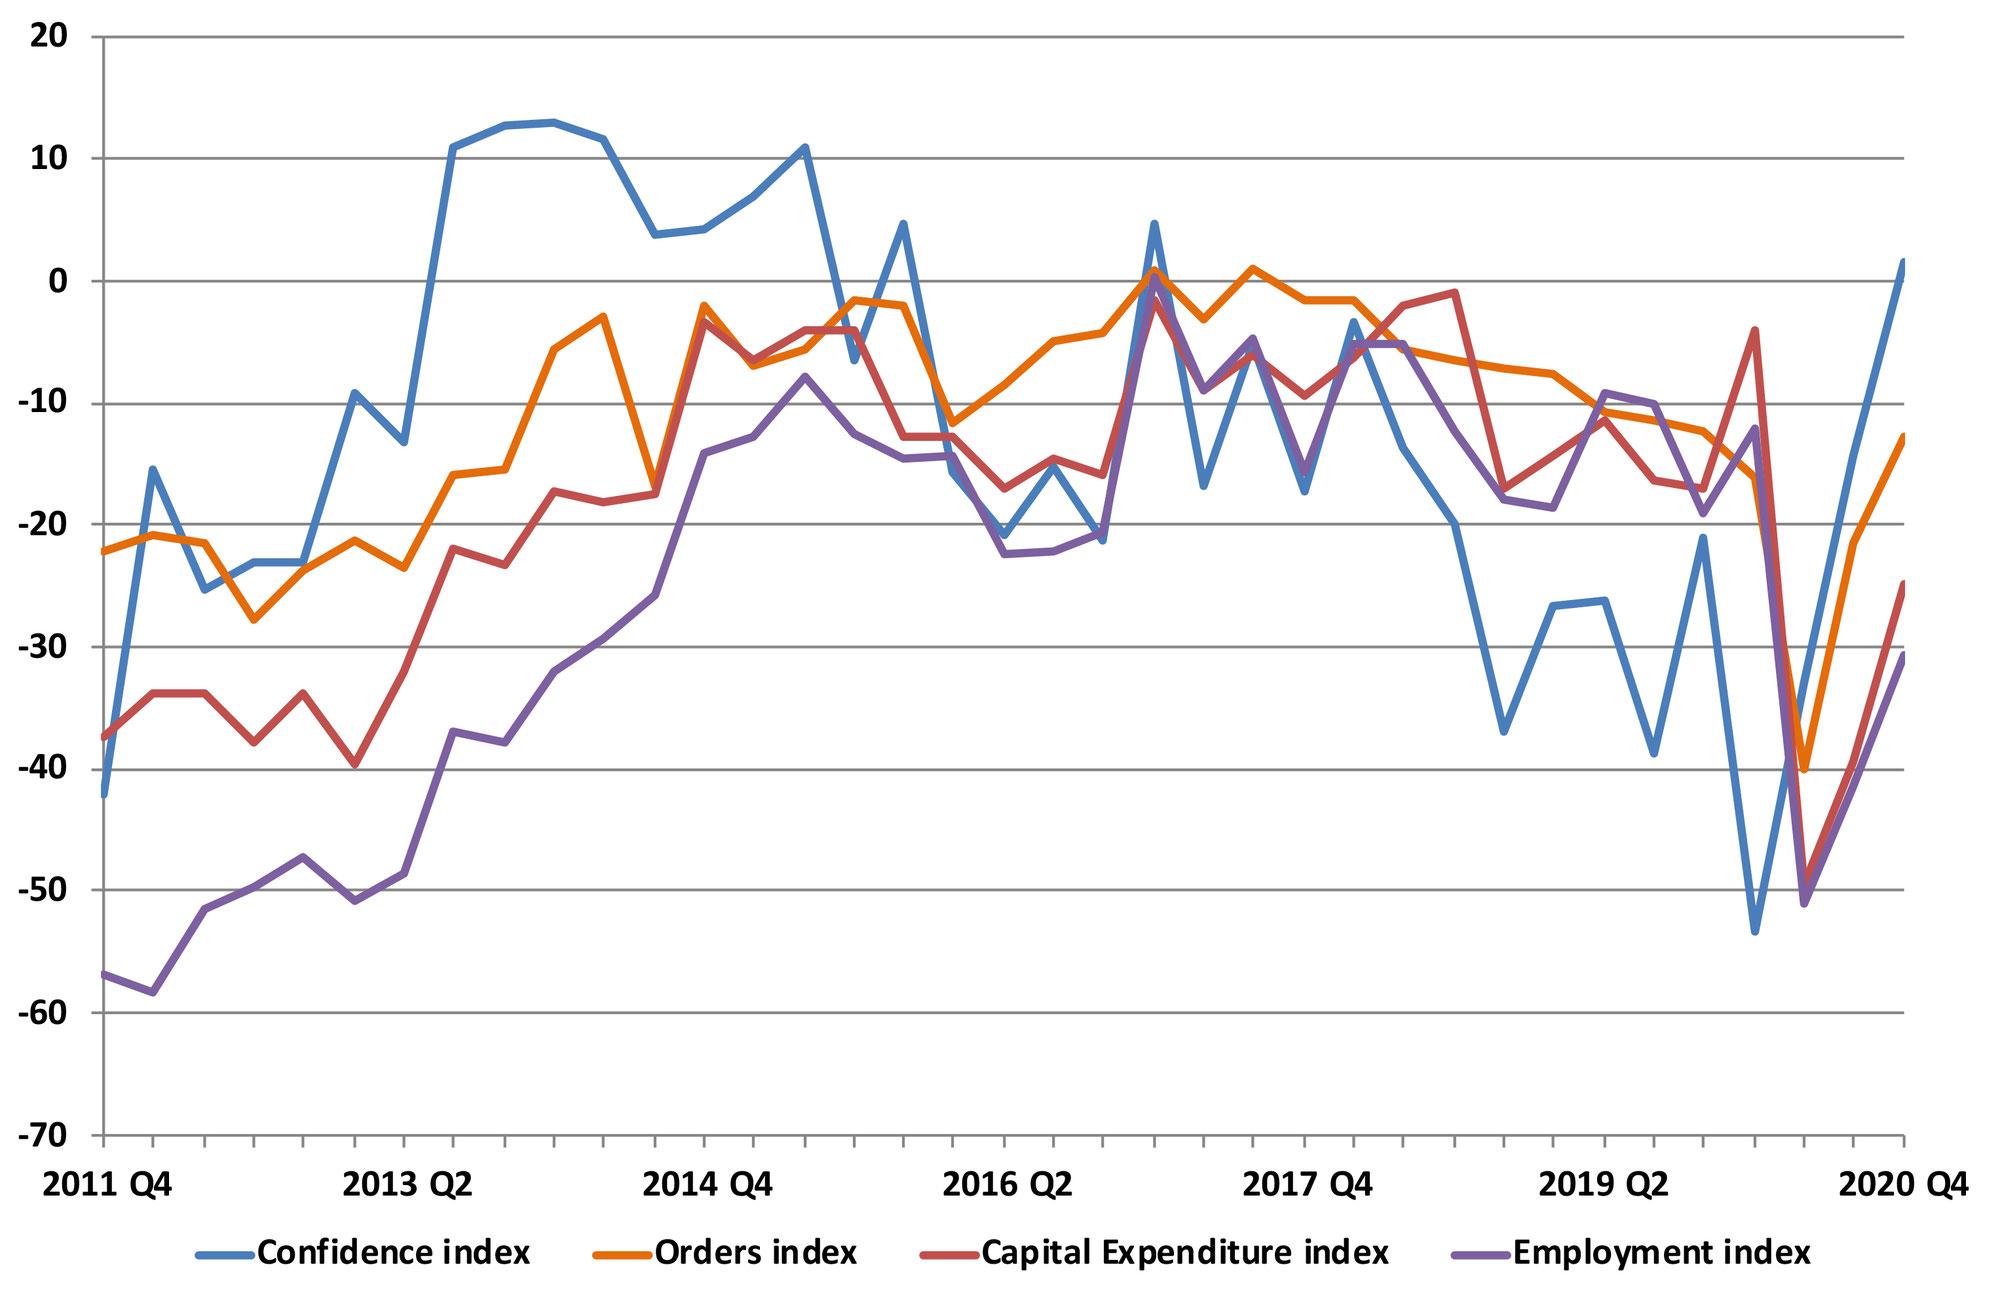 Internationale Finanzexperten sind nicht mehr zuversichtlich - Europäische Wirtschaft schrumpft um 7,5 Prozent